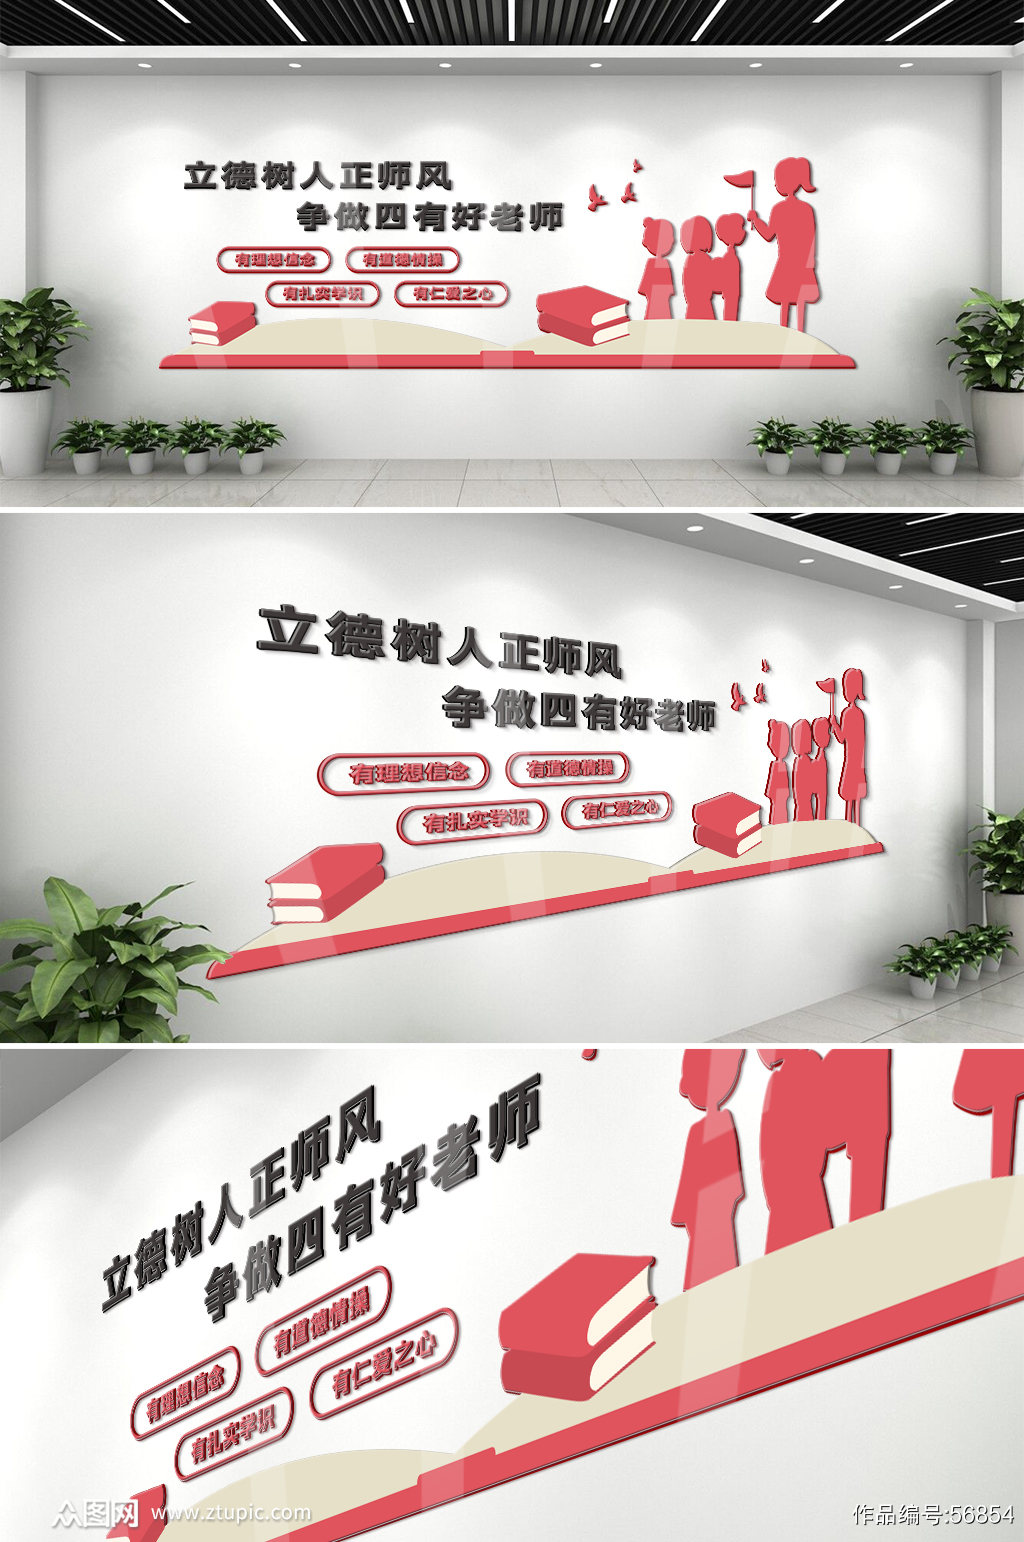 师德师风校园文化墙素材